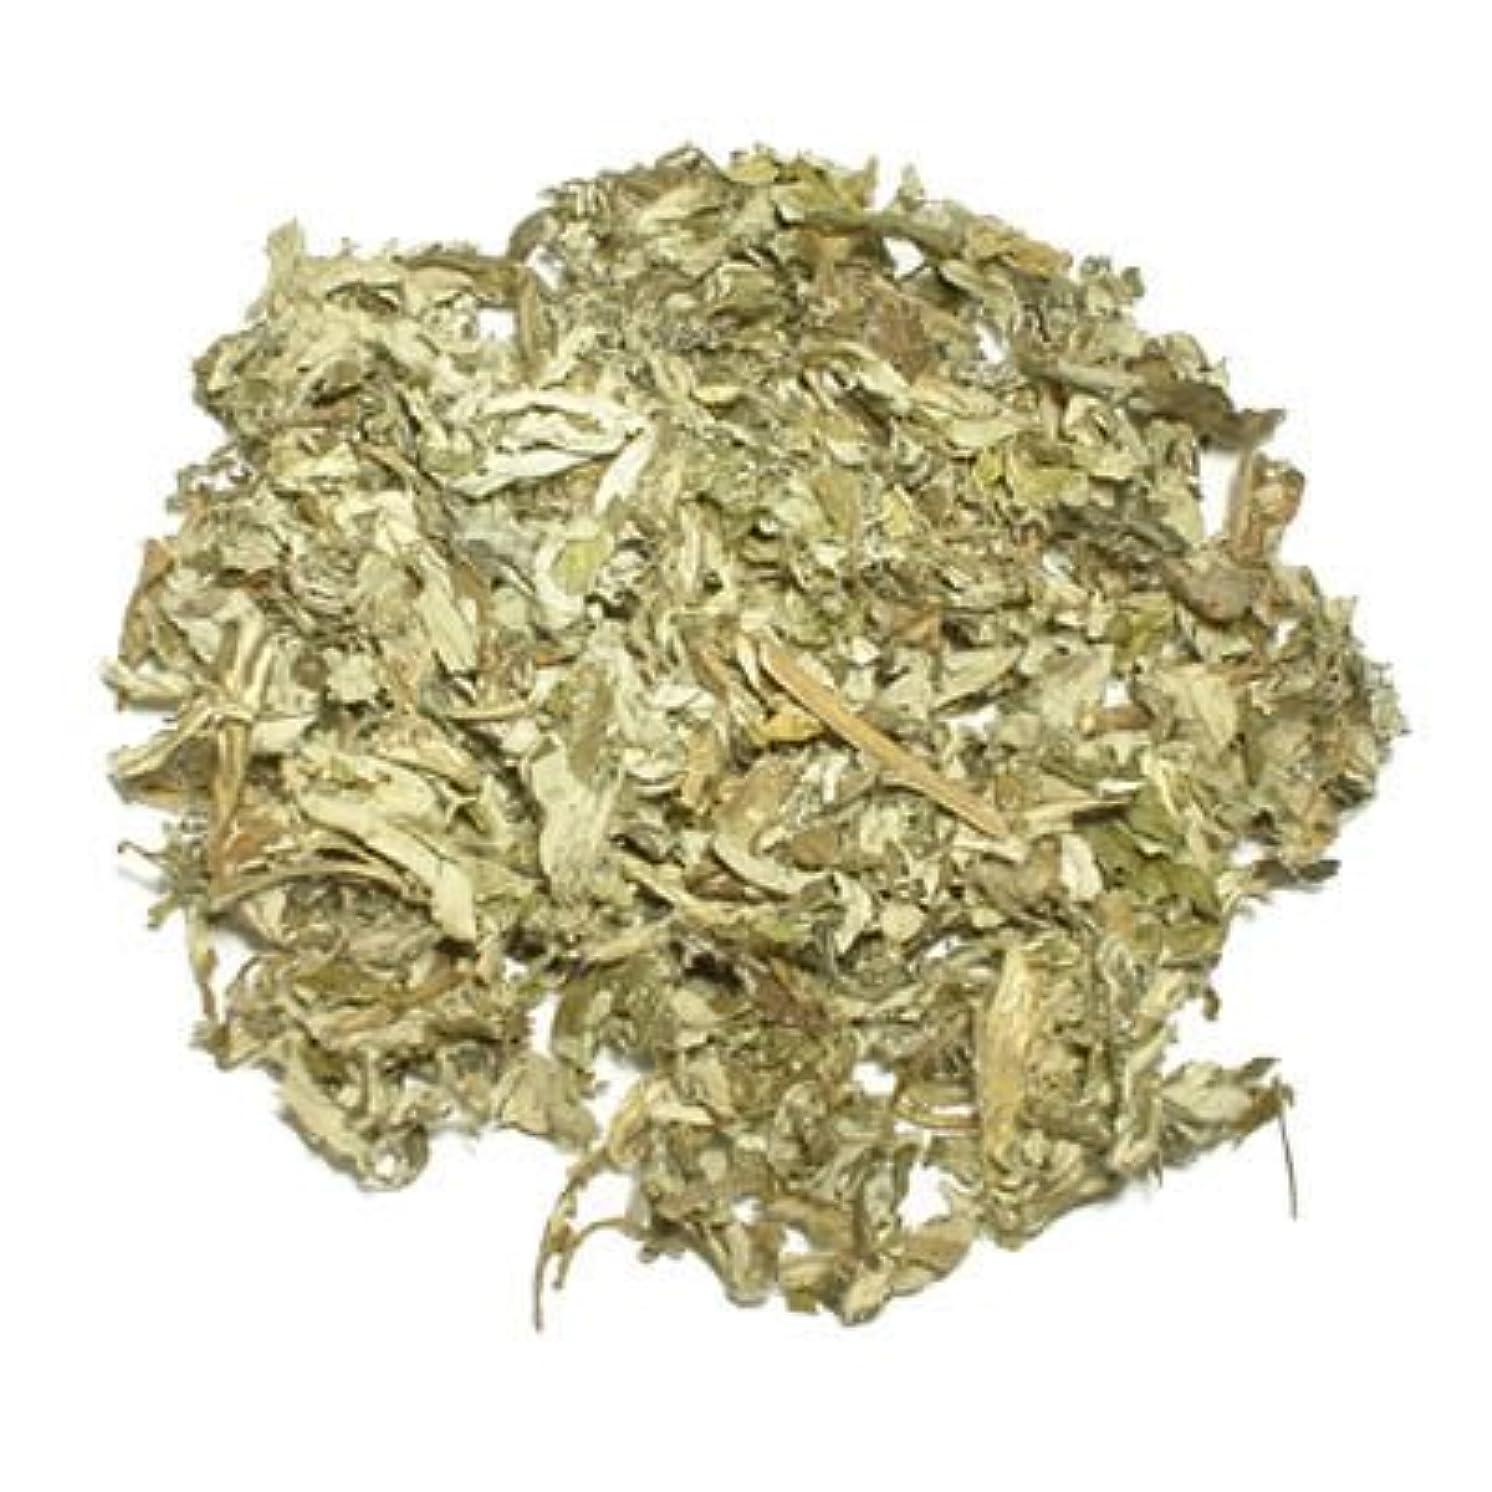 優遇海軍アドバンテージヨモギ業務用 500g 蓬茶 本場韓国産ヨモギ 葉(地上部 主に葉)100% 乾燥よもぎ茶 よもぎ風呂 ヨモギ蒸し